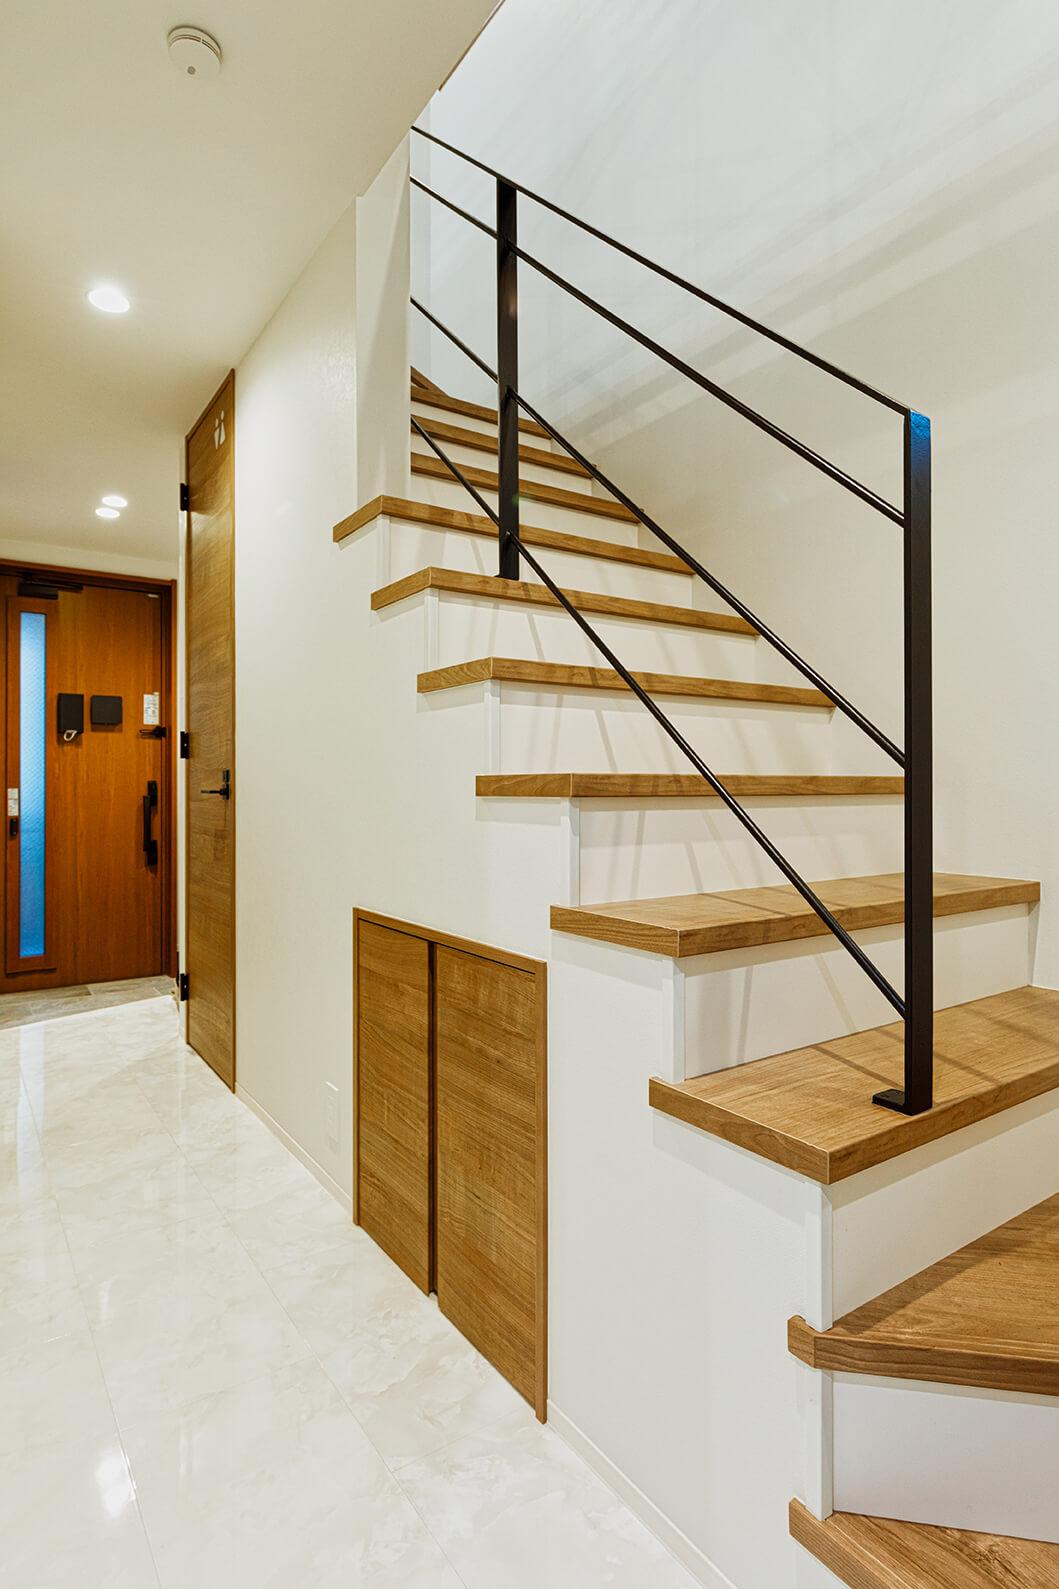 1階の玄関ホールと廊下・階段室。大理石の質感を感じさせる床が映えます。階段には天井までのドアが目を引くトイレと階段下収納を配置。左手にシューズクローク、書斎、ファミリークロゼットがあります。